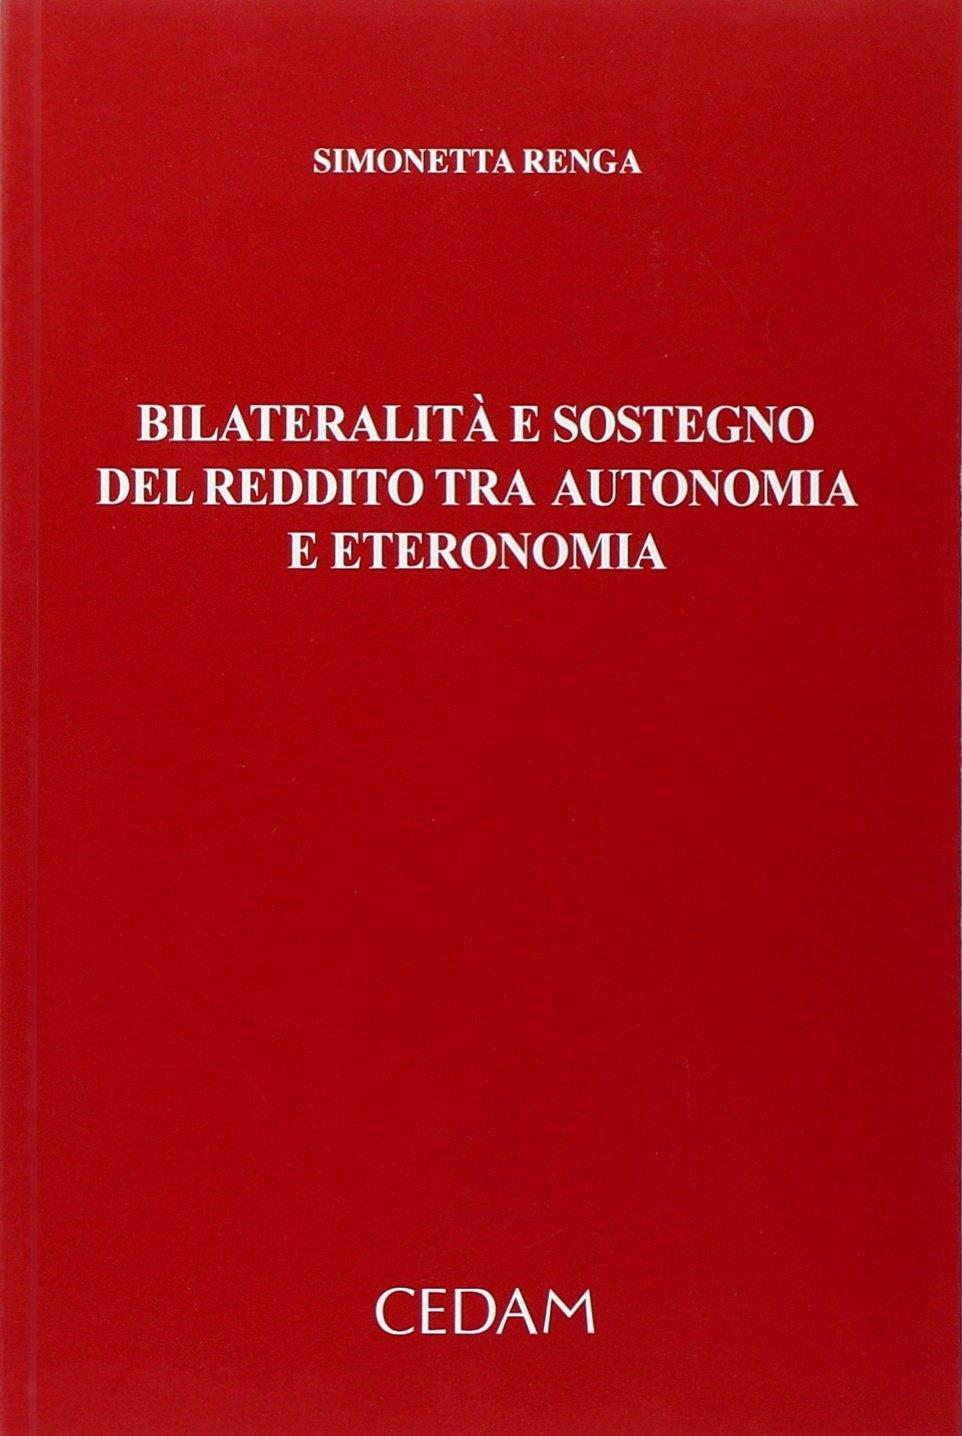 Bilateralità e sostegno del reddito tra autonomia e eteronomia